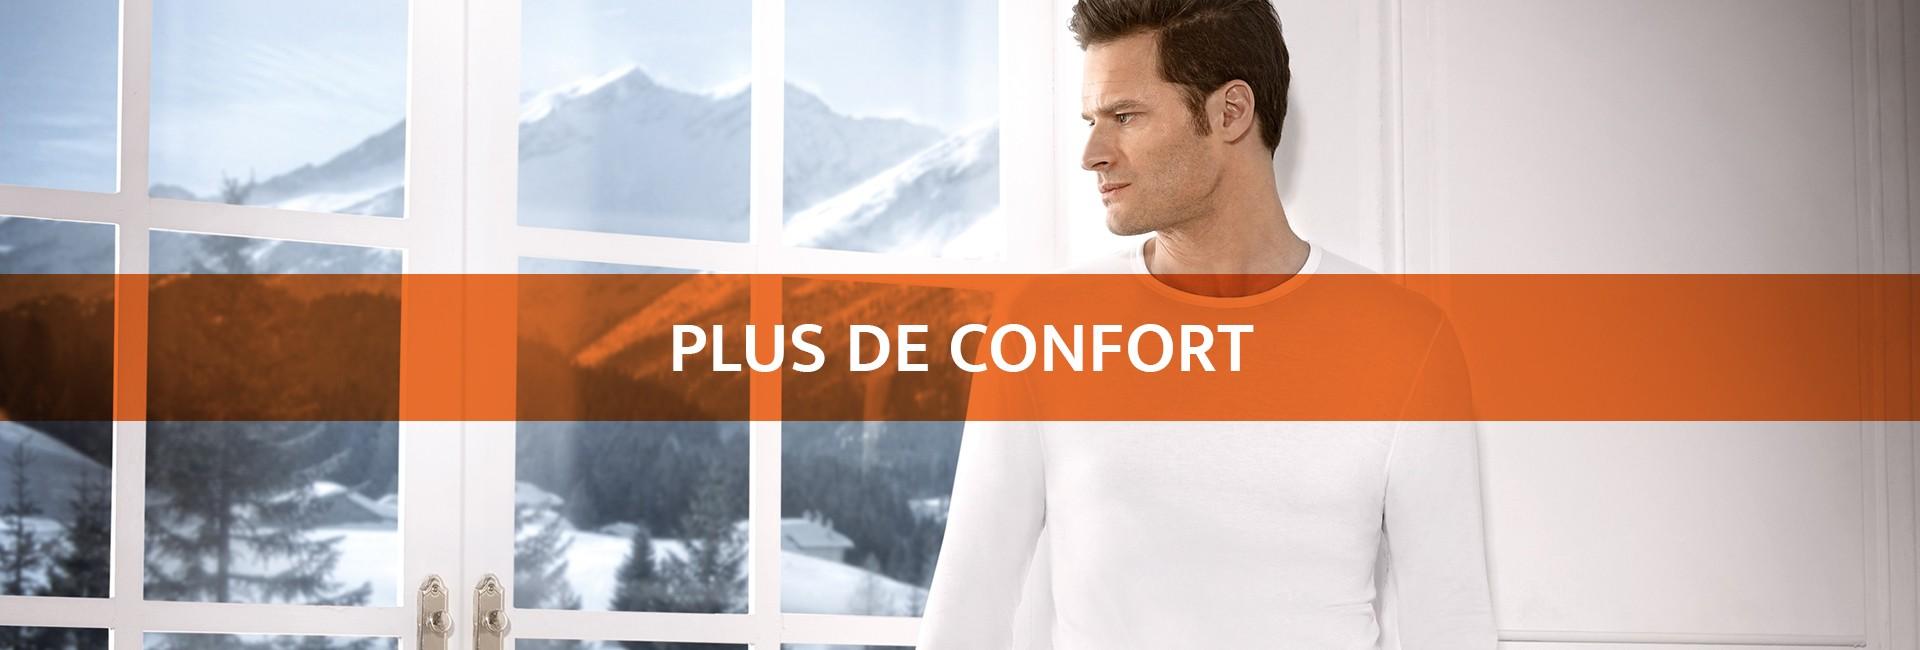 Plus d'élasticité | Plus d'adaptabilité | Plus de mobilité | Plus de confort | Sous-vêtement thermiq_2